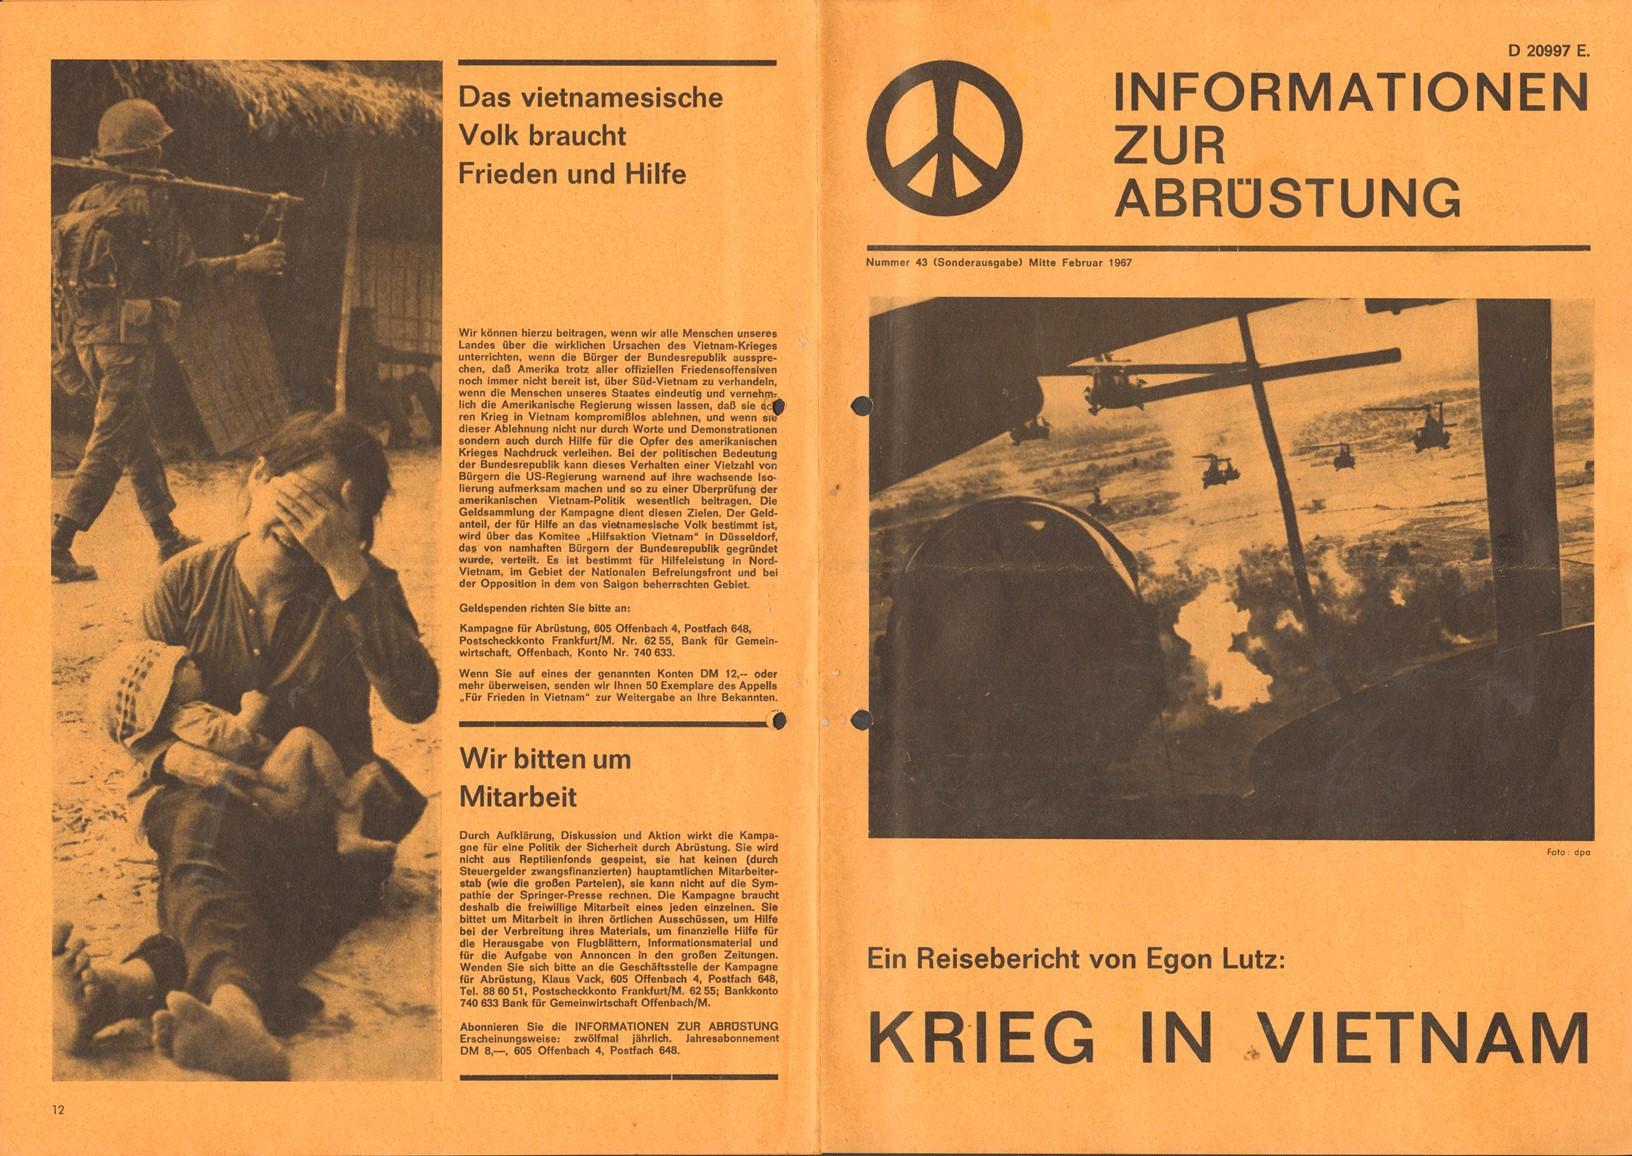 Informationen_zur_Abruestung_1967_043_001